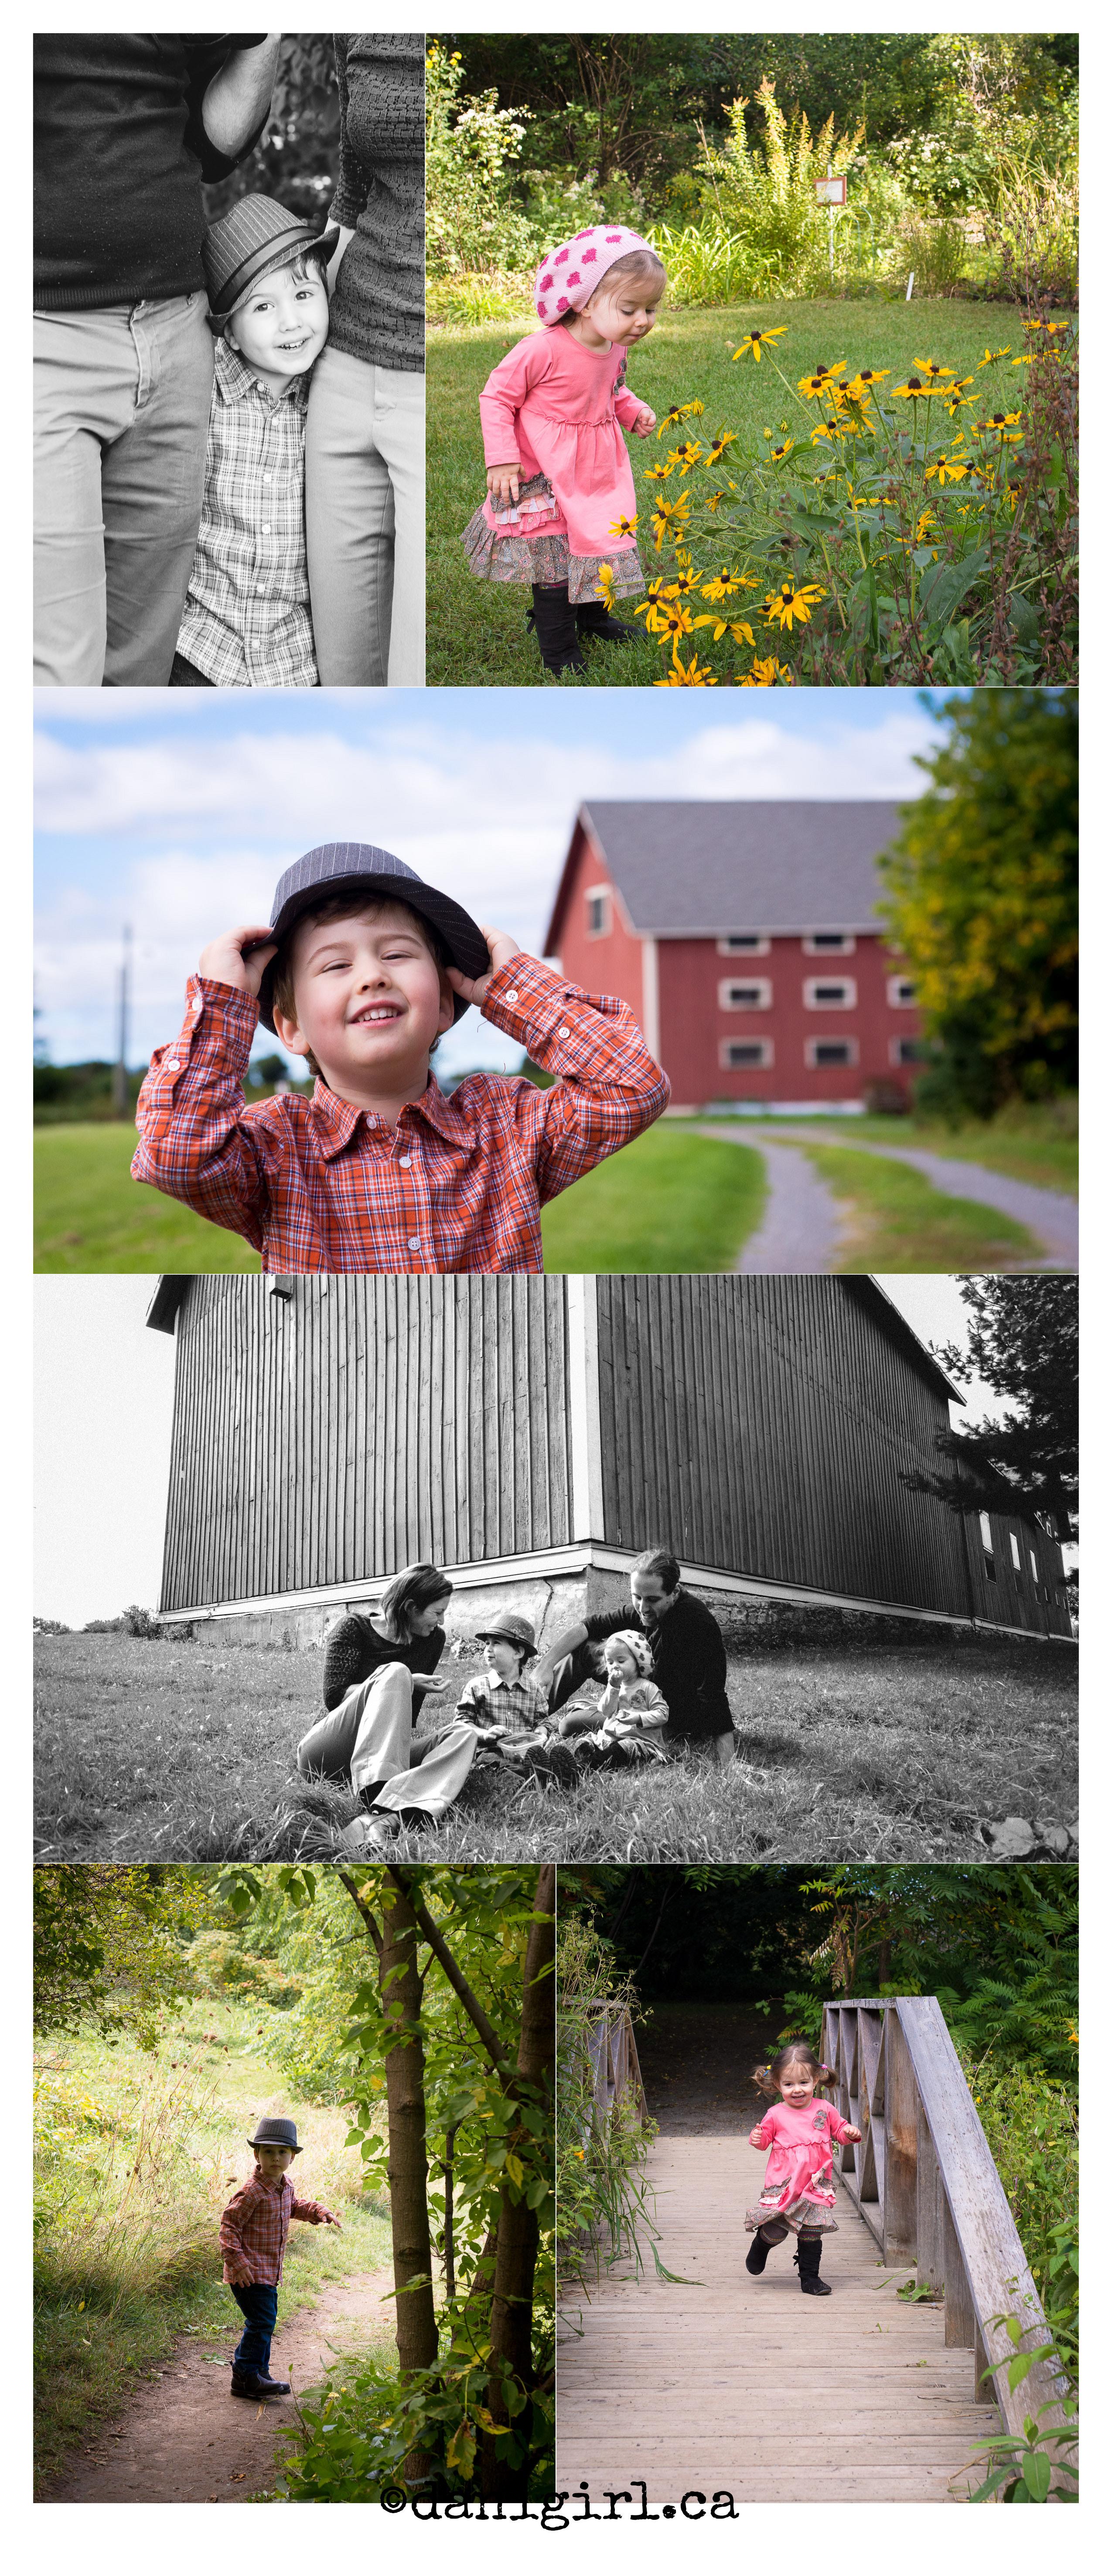 家庭野餐和在公园散步的摄影故事